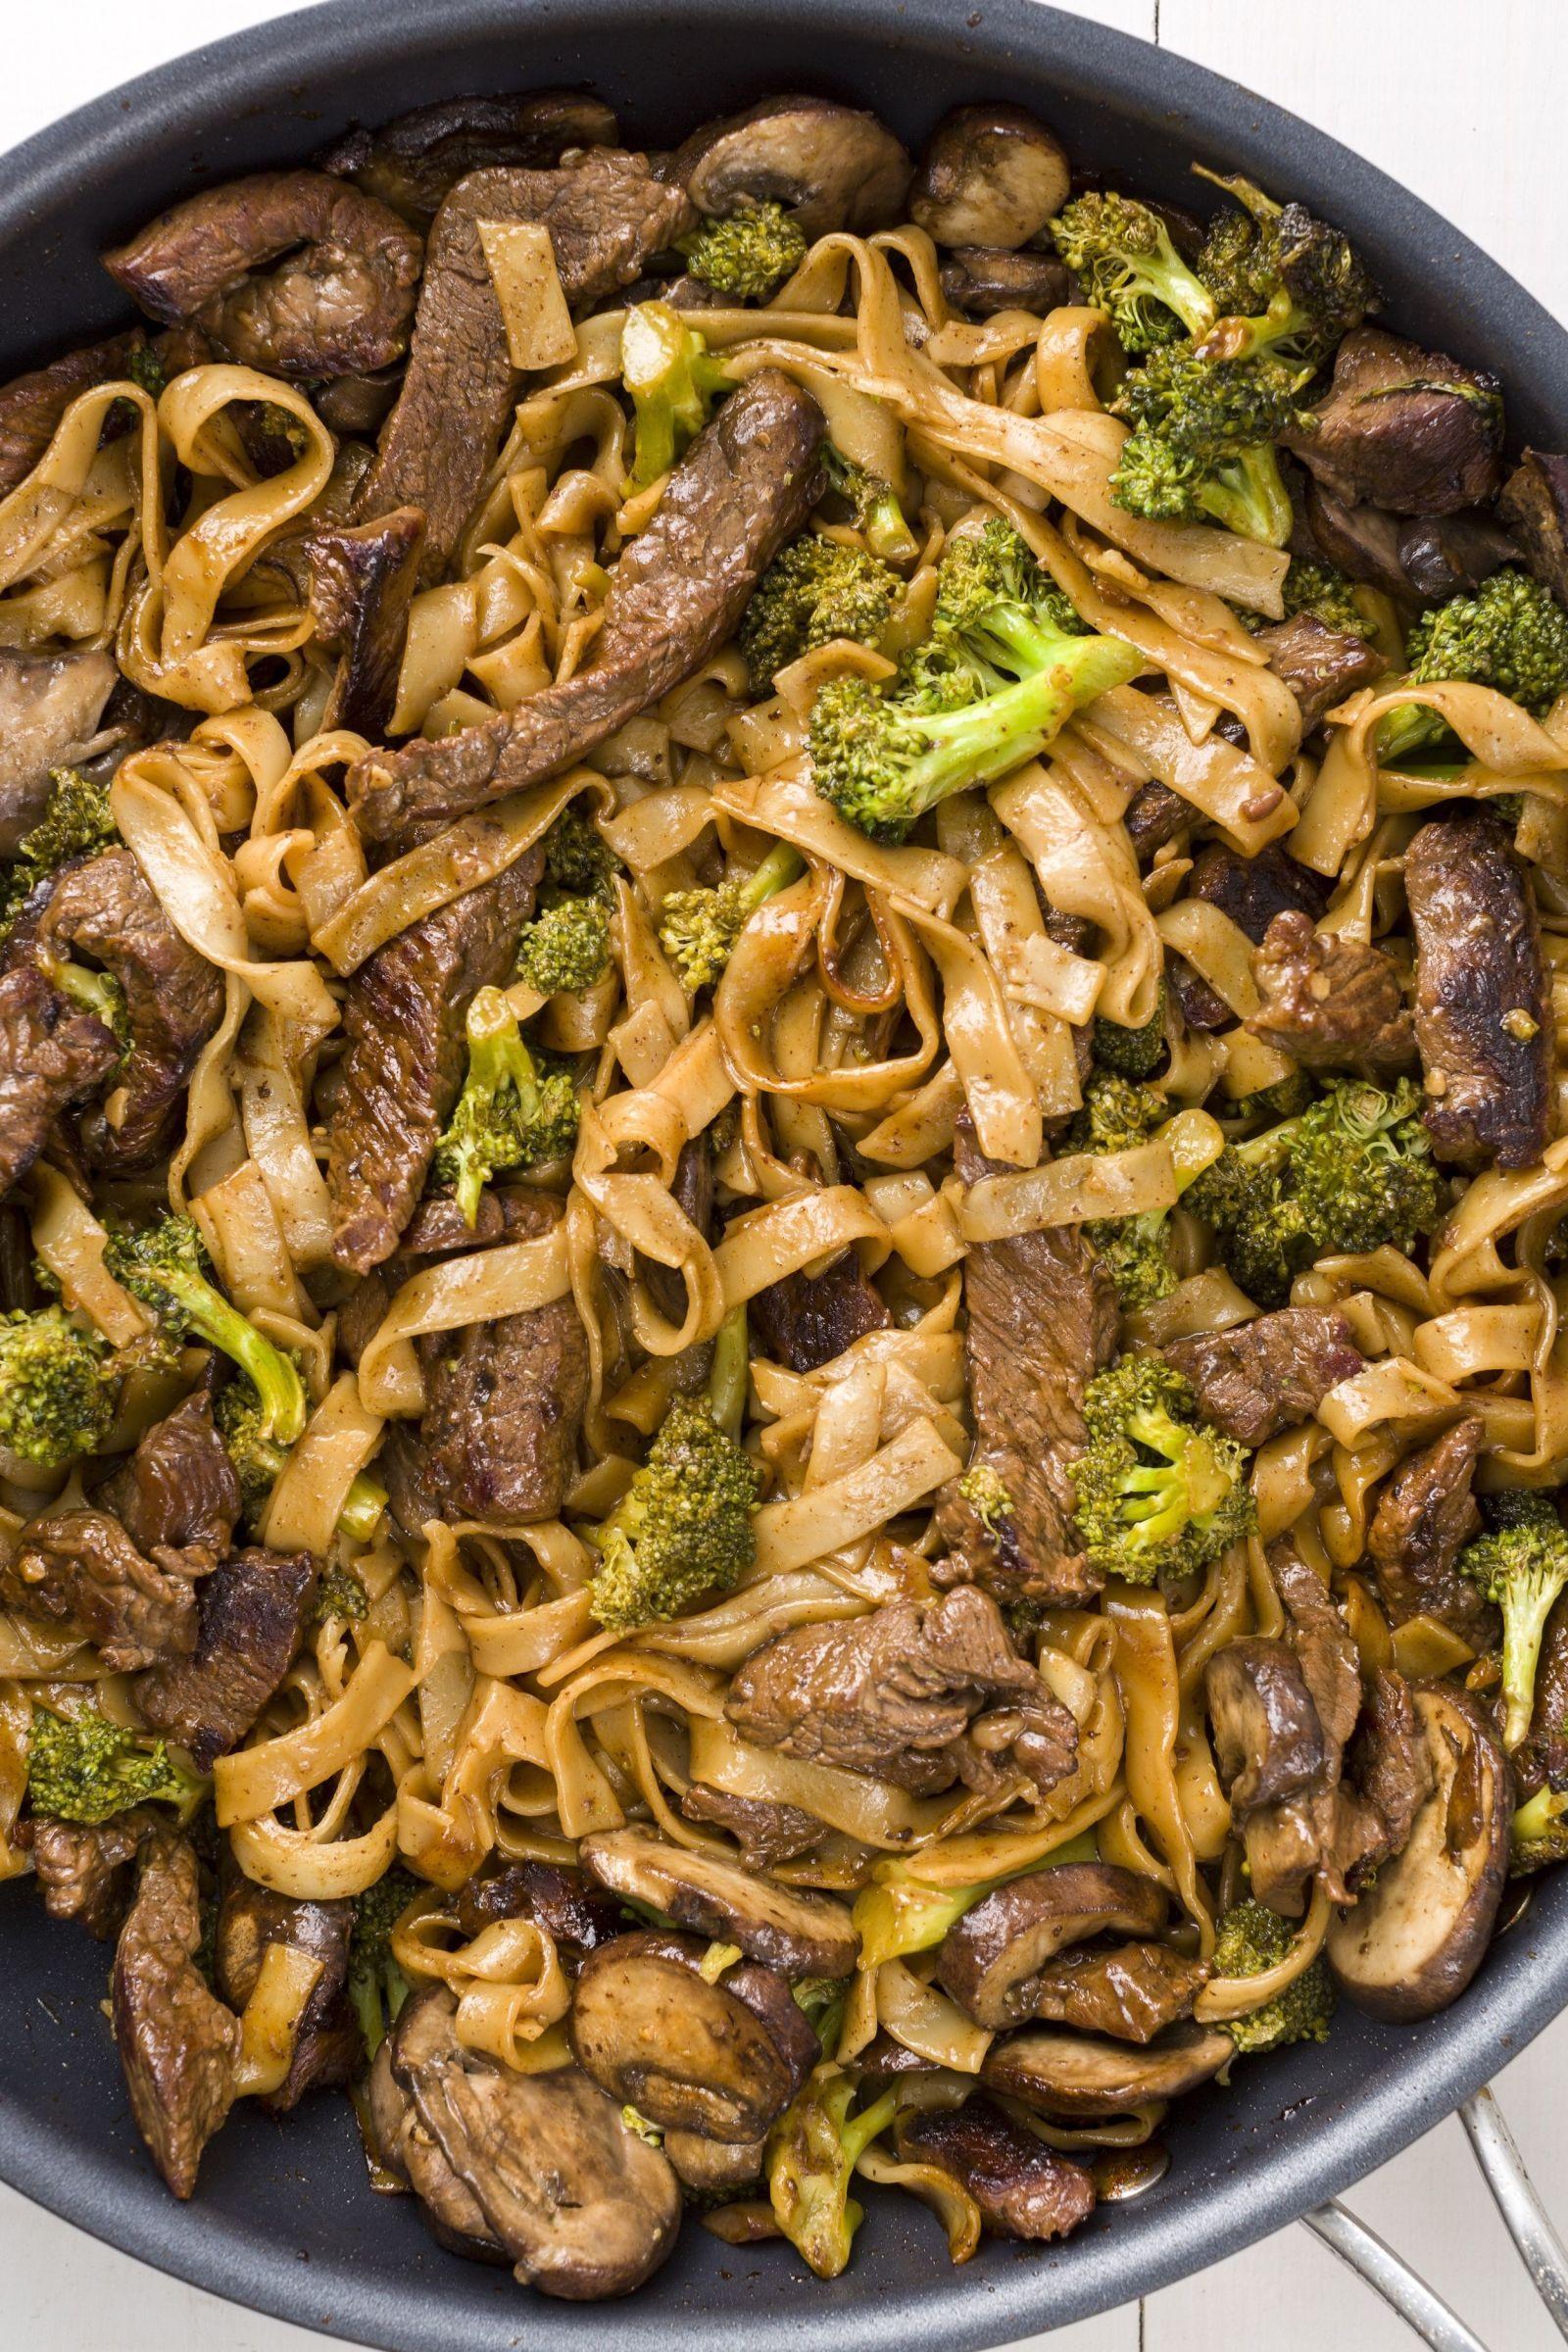 Asparagus And Broccoli Recipes Stir Fry